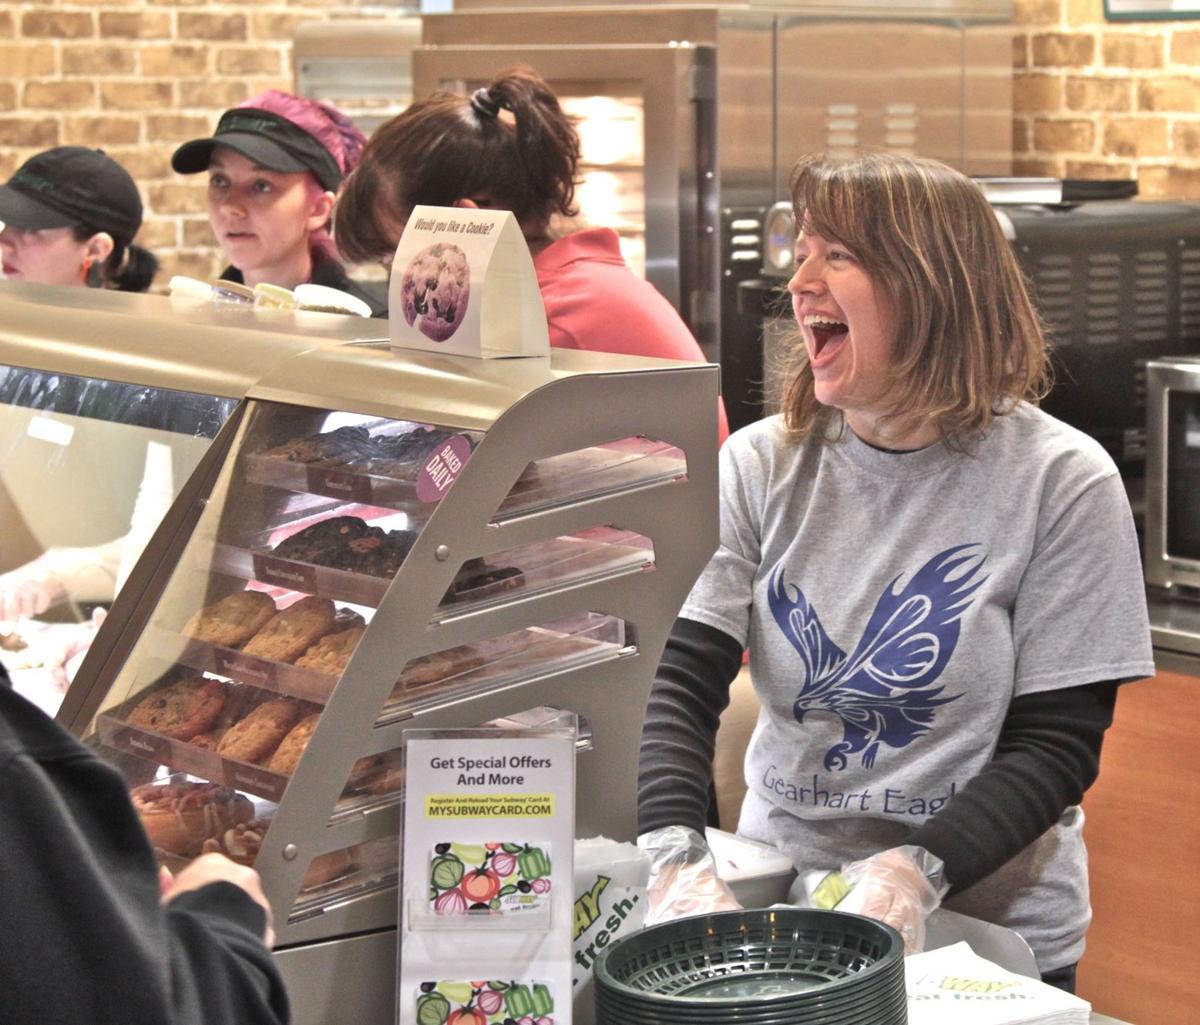 Volunteers sandwich their time between school and snacks